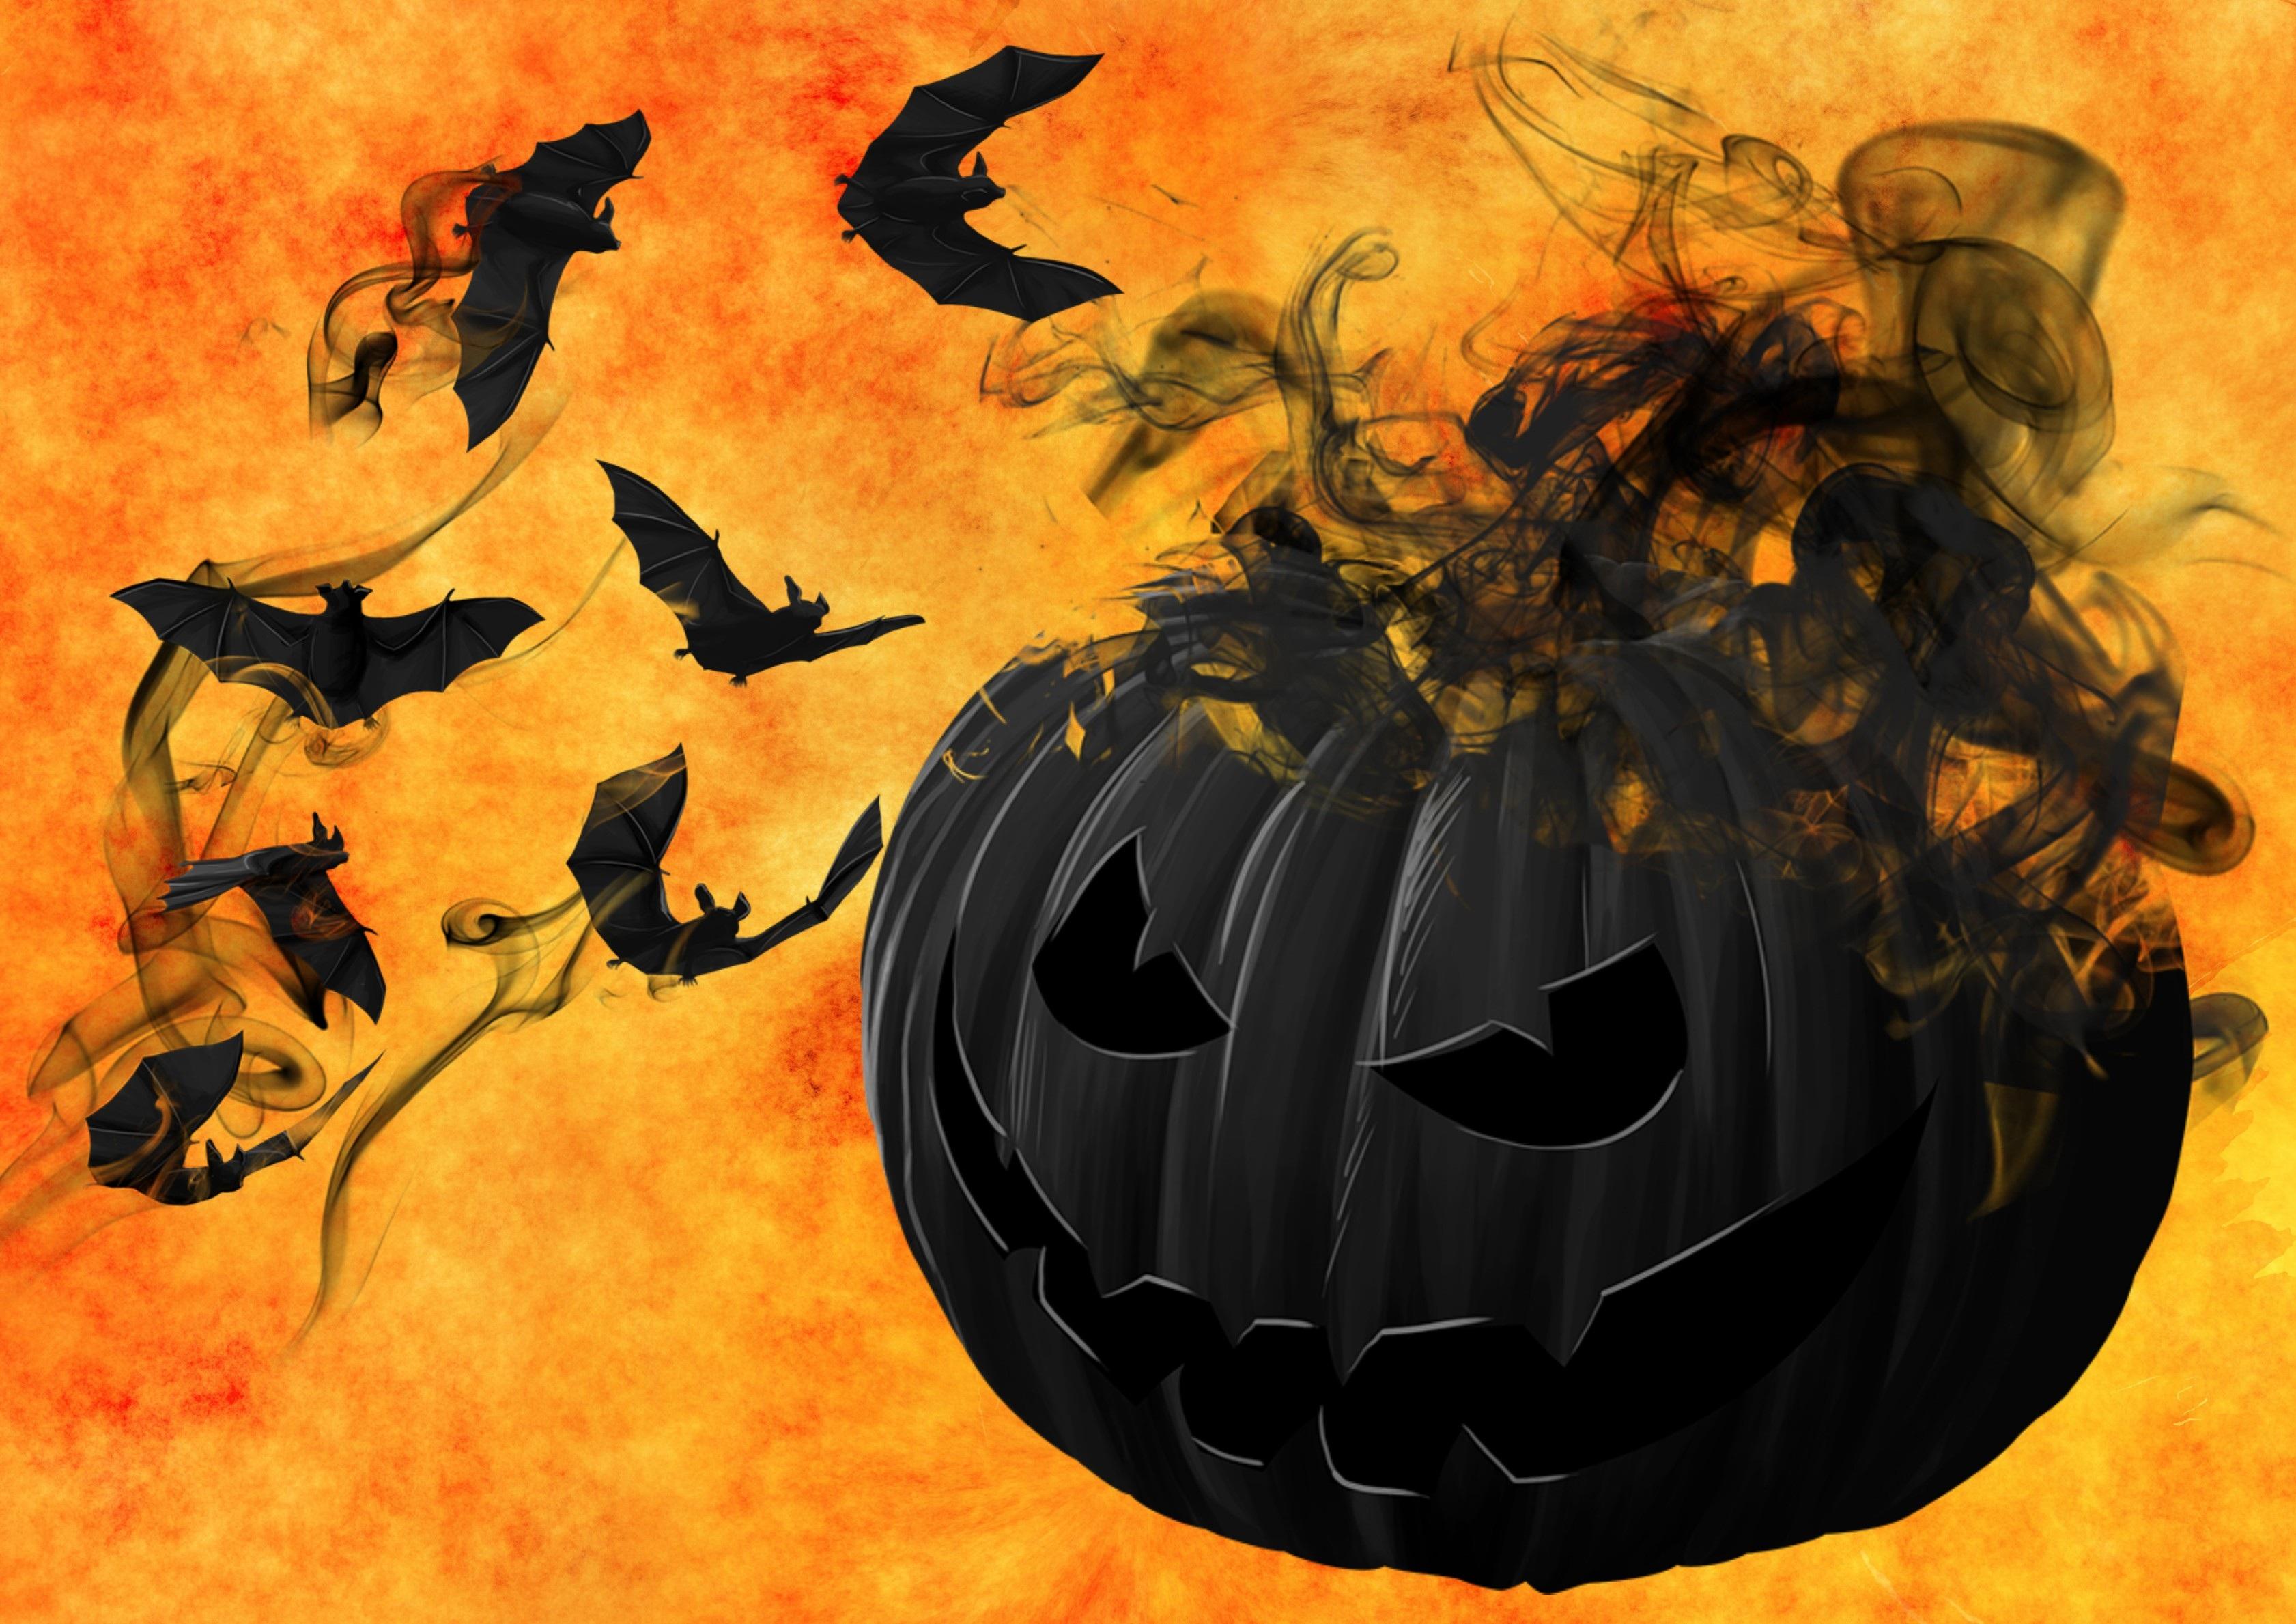 Creepy Pumpkin, Bats, Creepy, Darkness, Mystical, HQ Photo